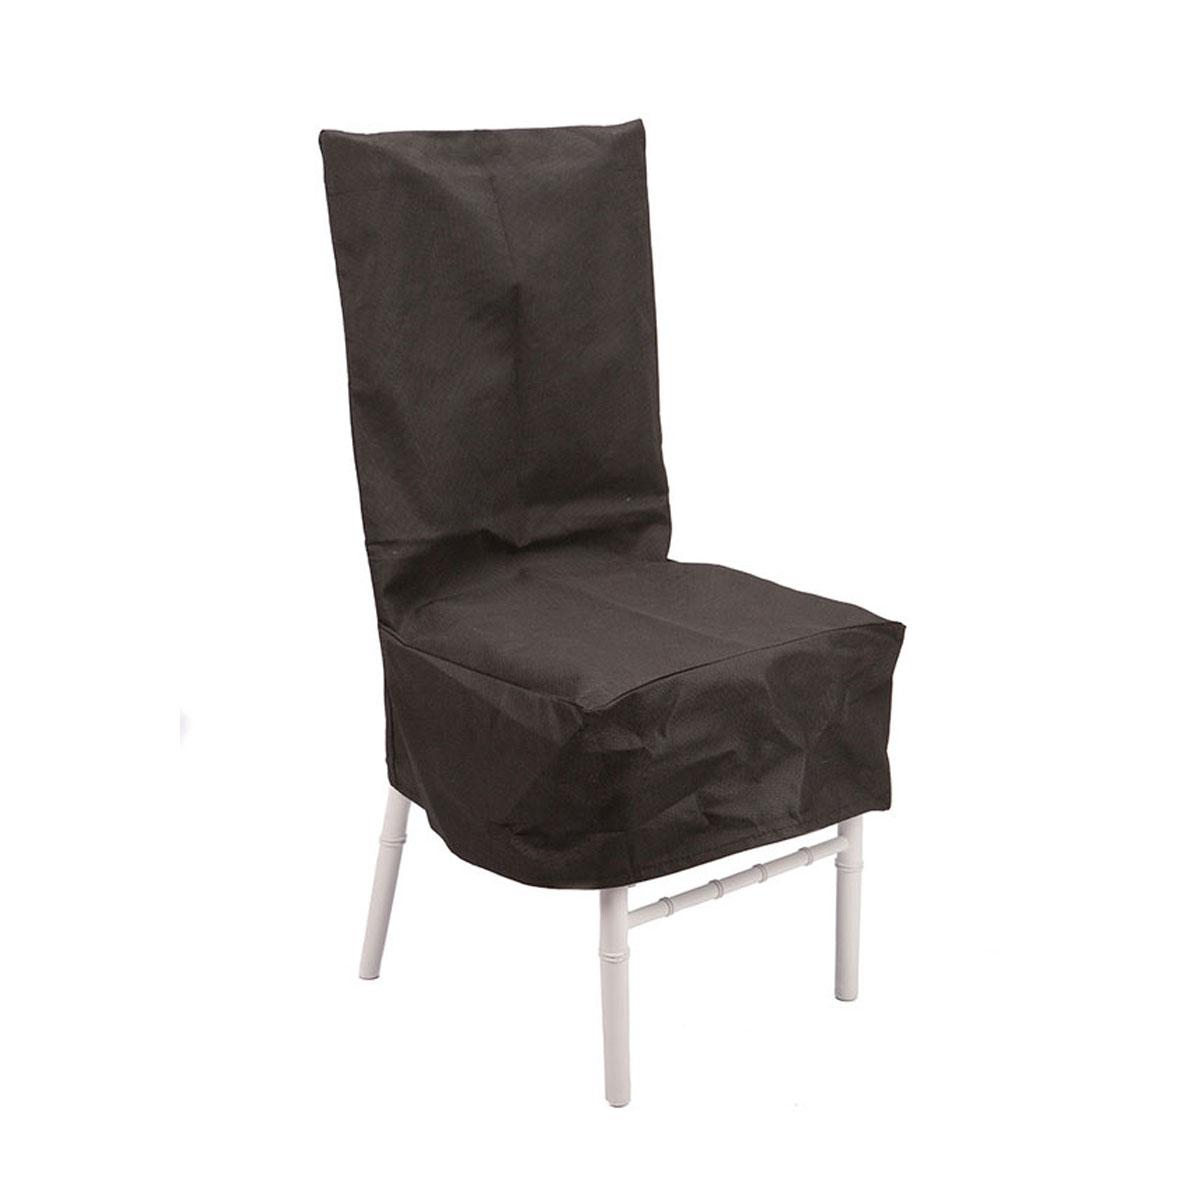 housse de protection vente de mobilier de r ception. Black Bedroom Furniture Sets. Home Design Ideas